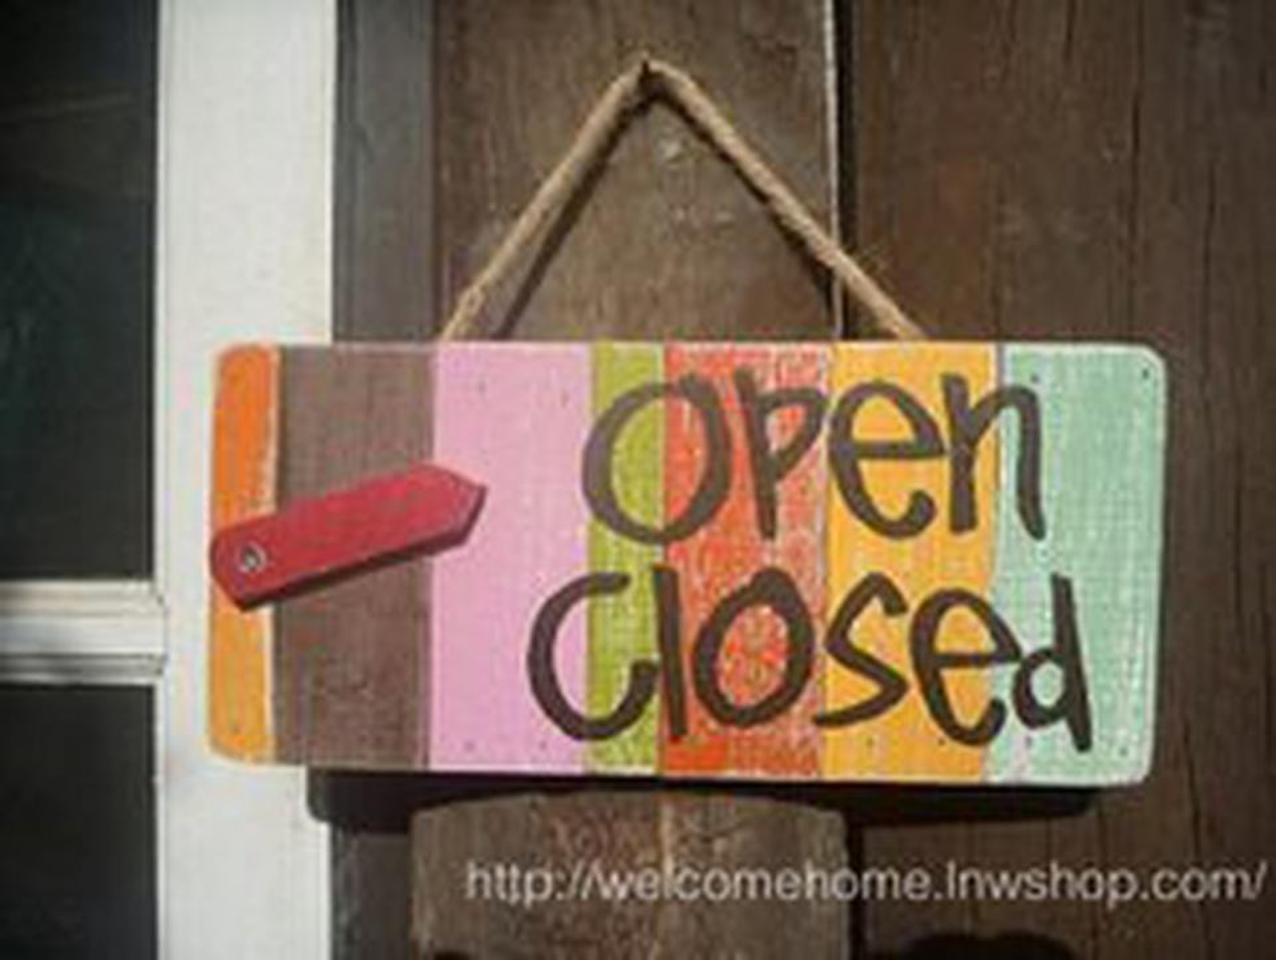 ป้ายเปิด-ปิดสวยๆสำหรับตกแต่งหน้าร้านอาหารตามสั่งร้านกาแฟครับ รูปที่ 1